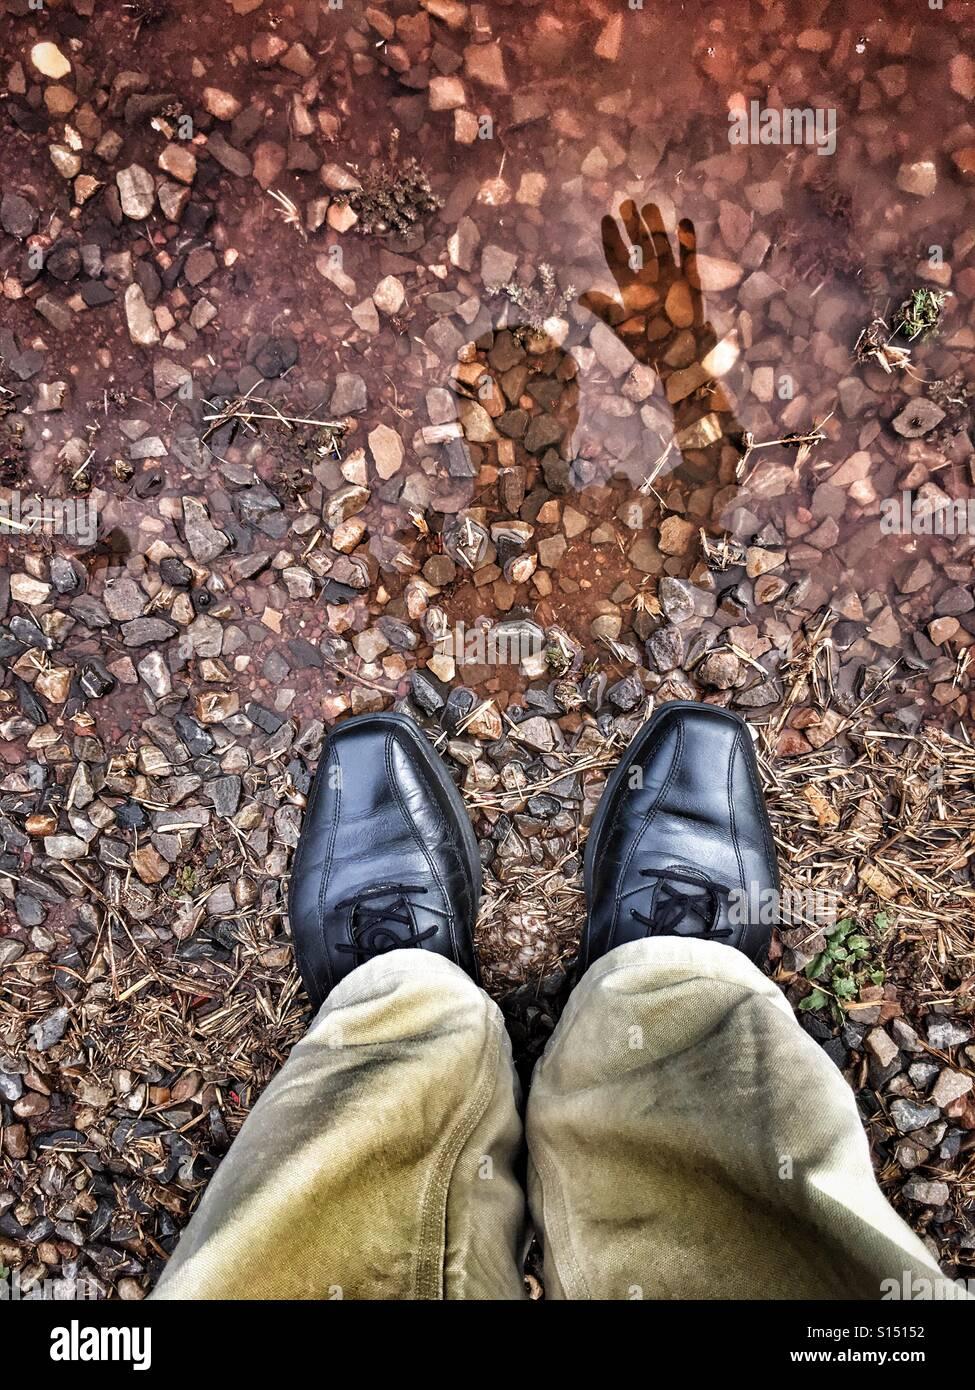 Reflexion eines Mannes weben sich in einer Pfütze. Stockbild